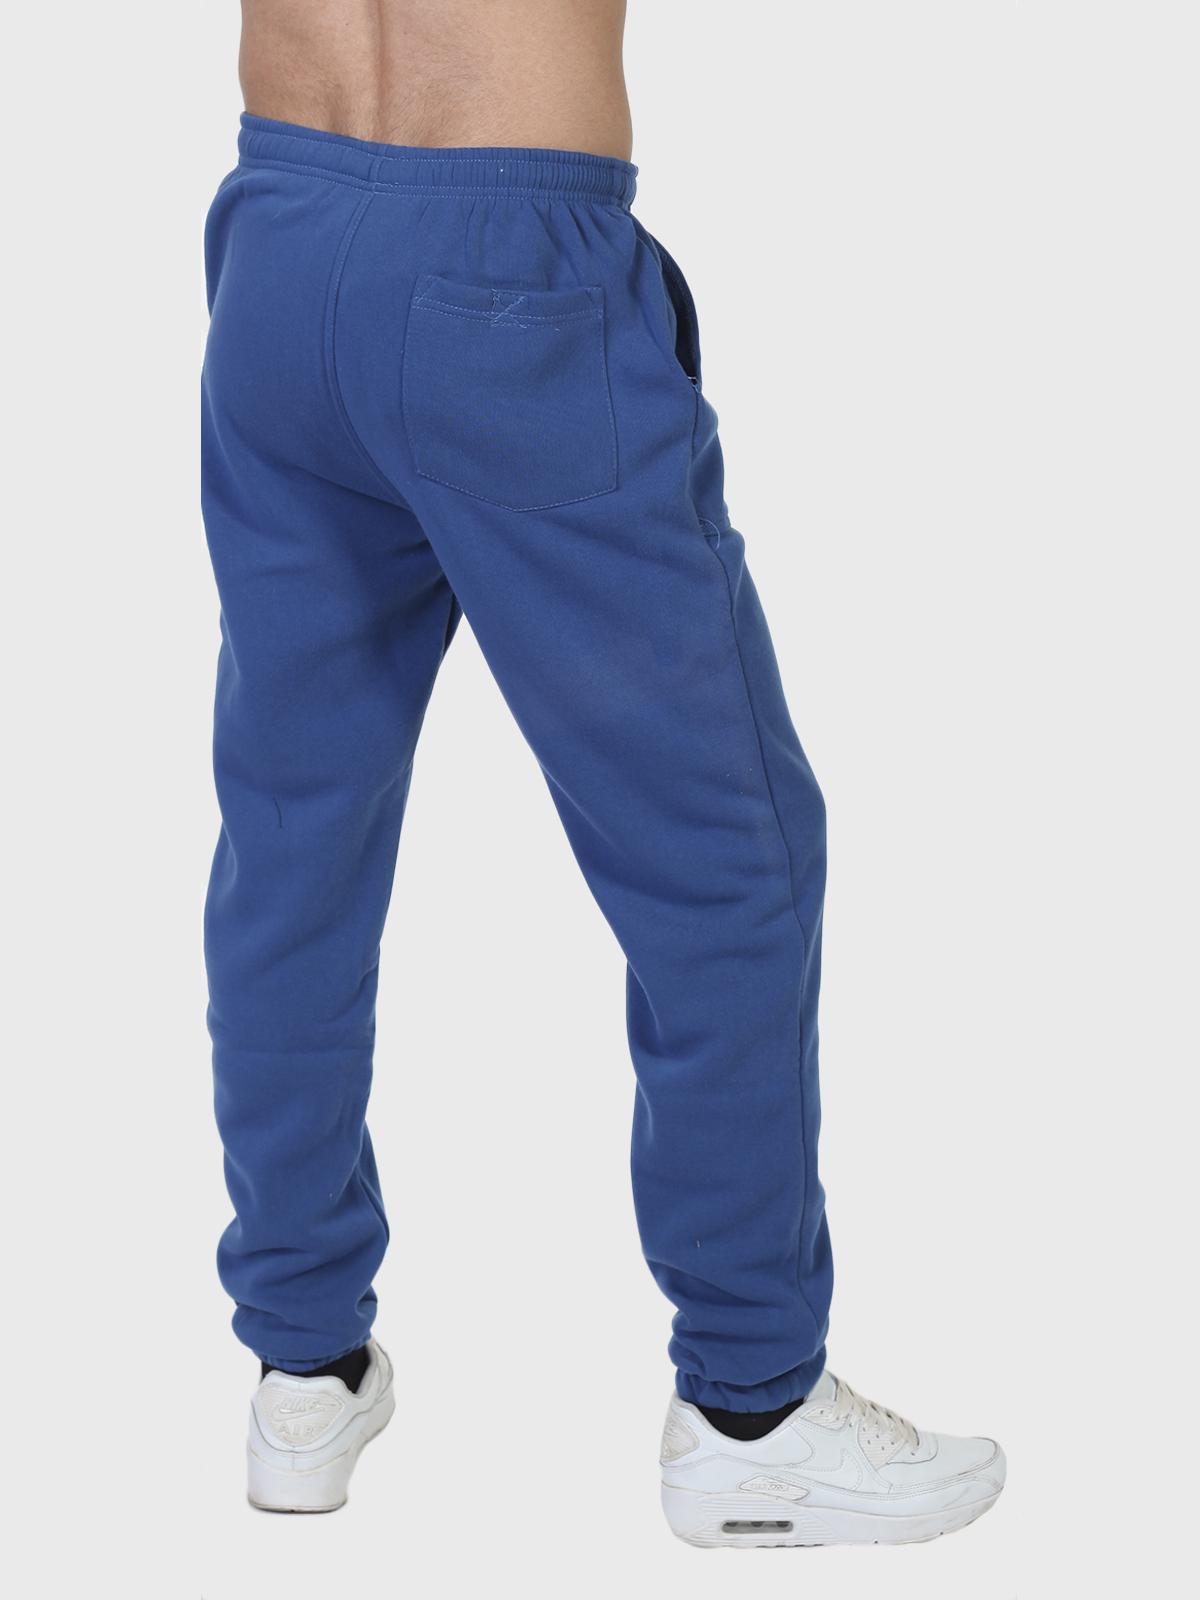 Яркие спортивные штаны рыболова (на флисе) по выгодной цене